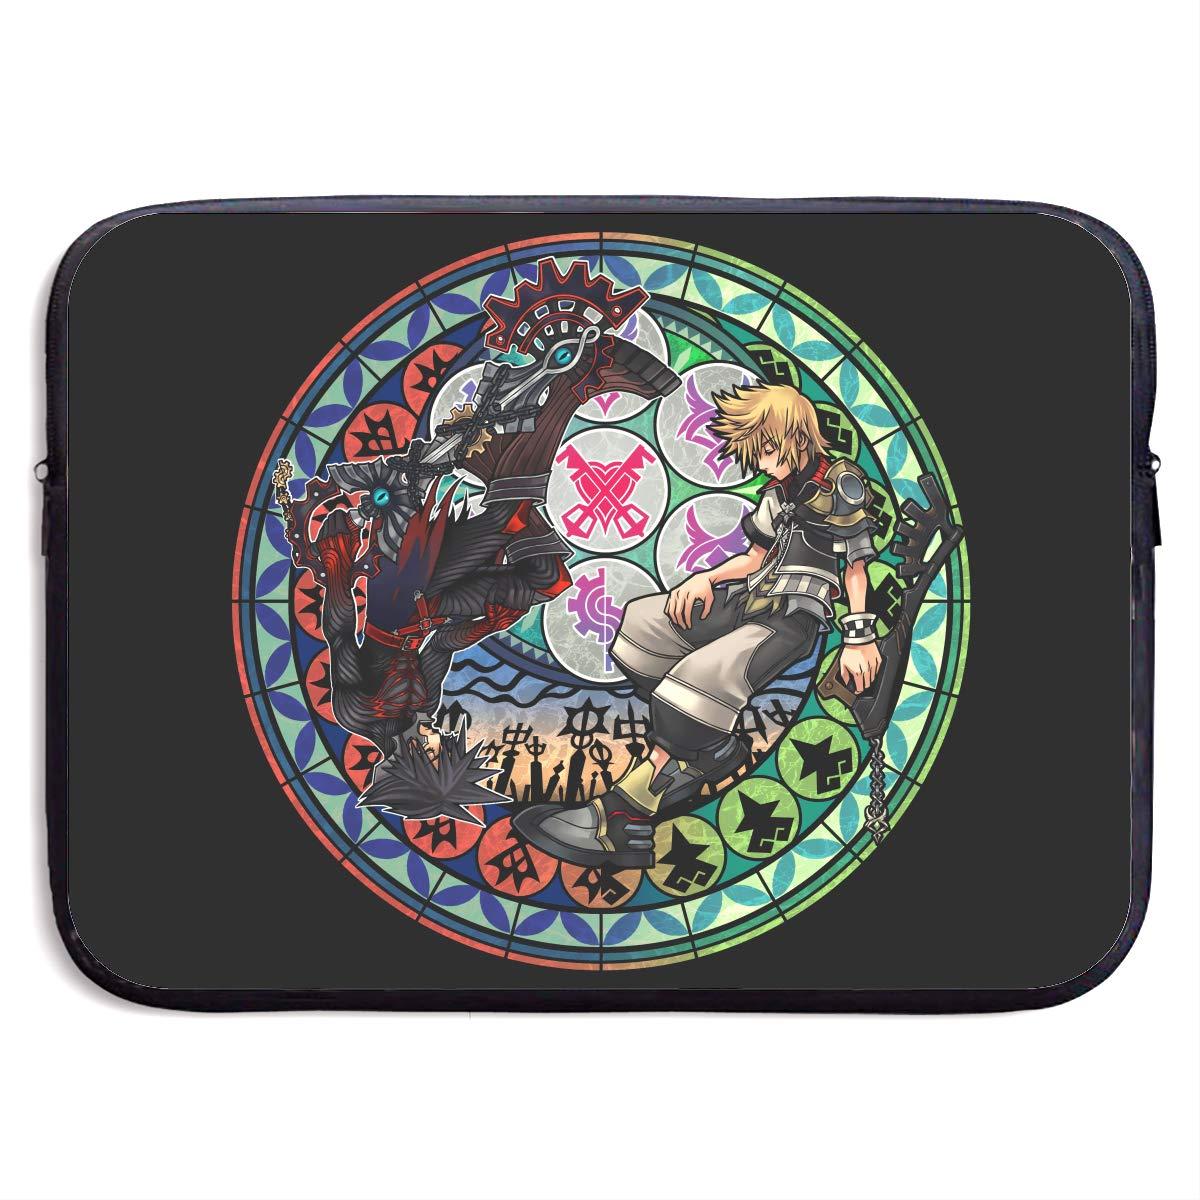 Amazon.com: Kingdom Hearts-Sora y Vanitas - Bolso bandolera ...